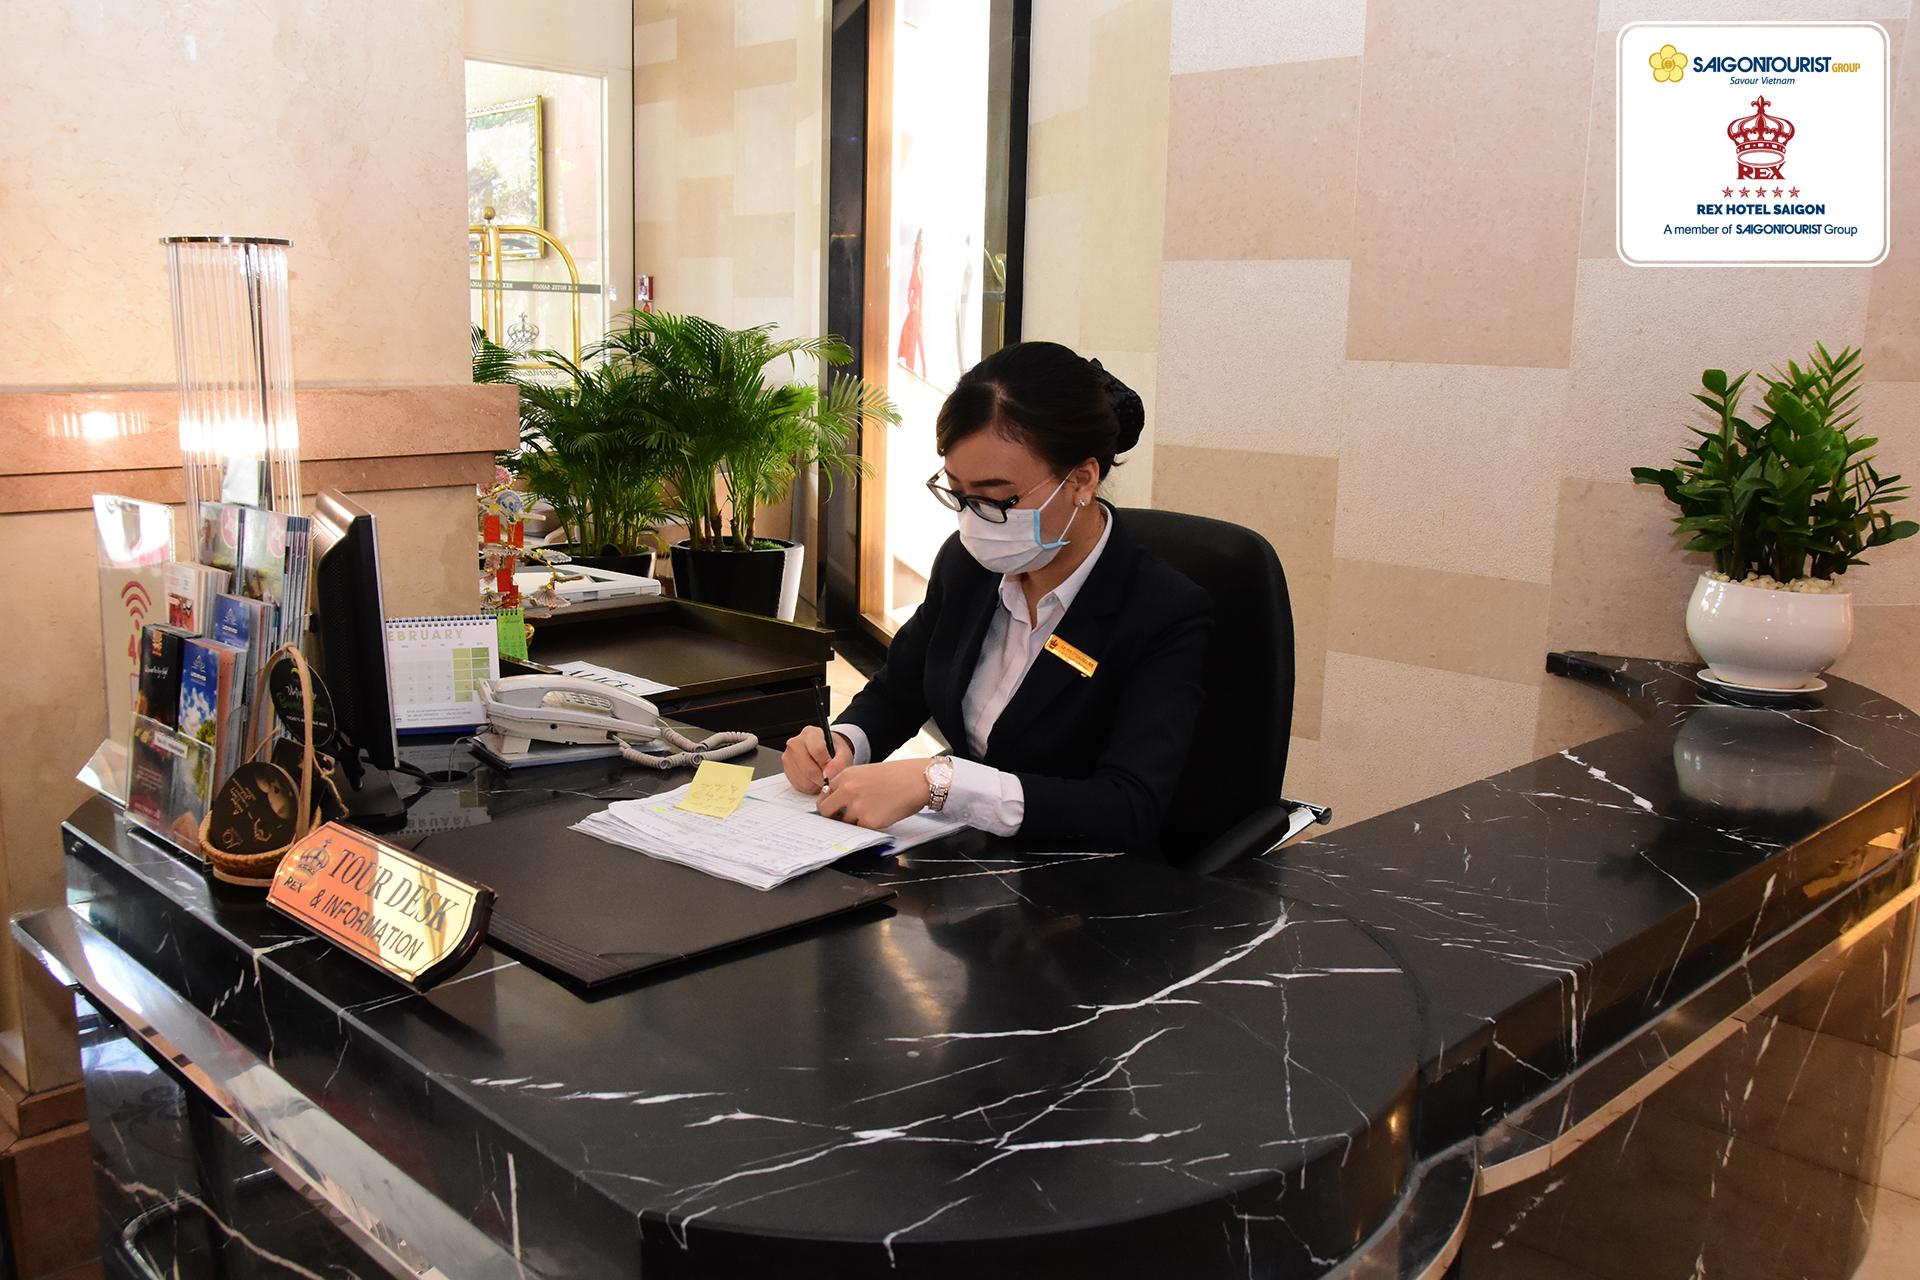 Khách sạn REX Saigon tiếp tục tăng cường các biện pháp phòng chống trong mùa dịch